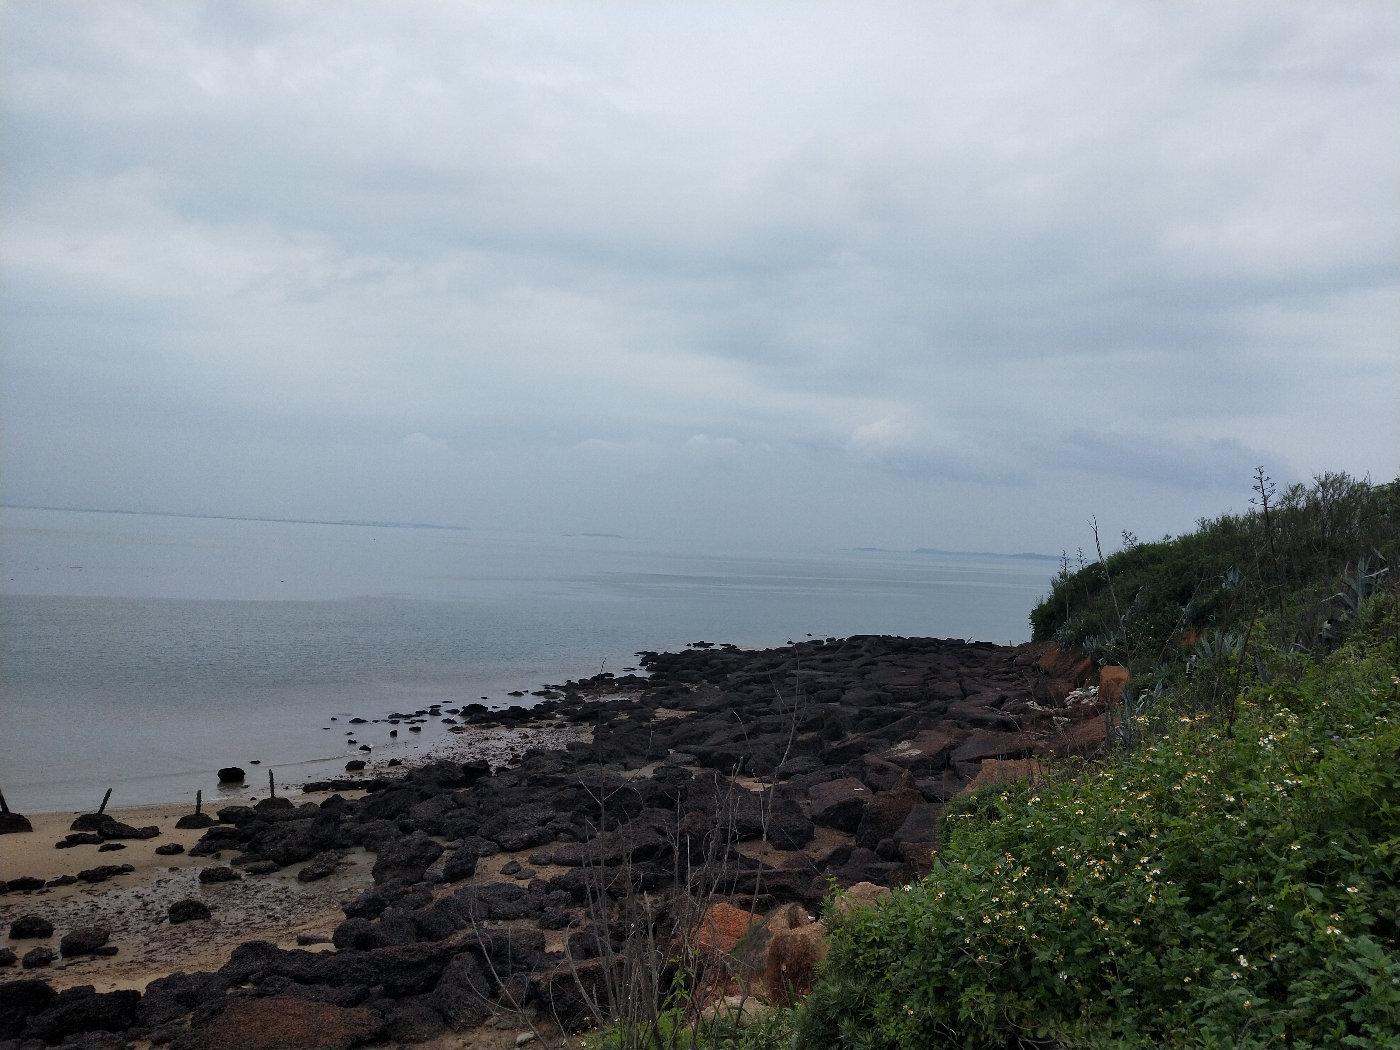 断崖一边的海滩,上面都是黑色的石头